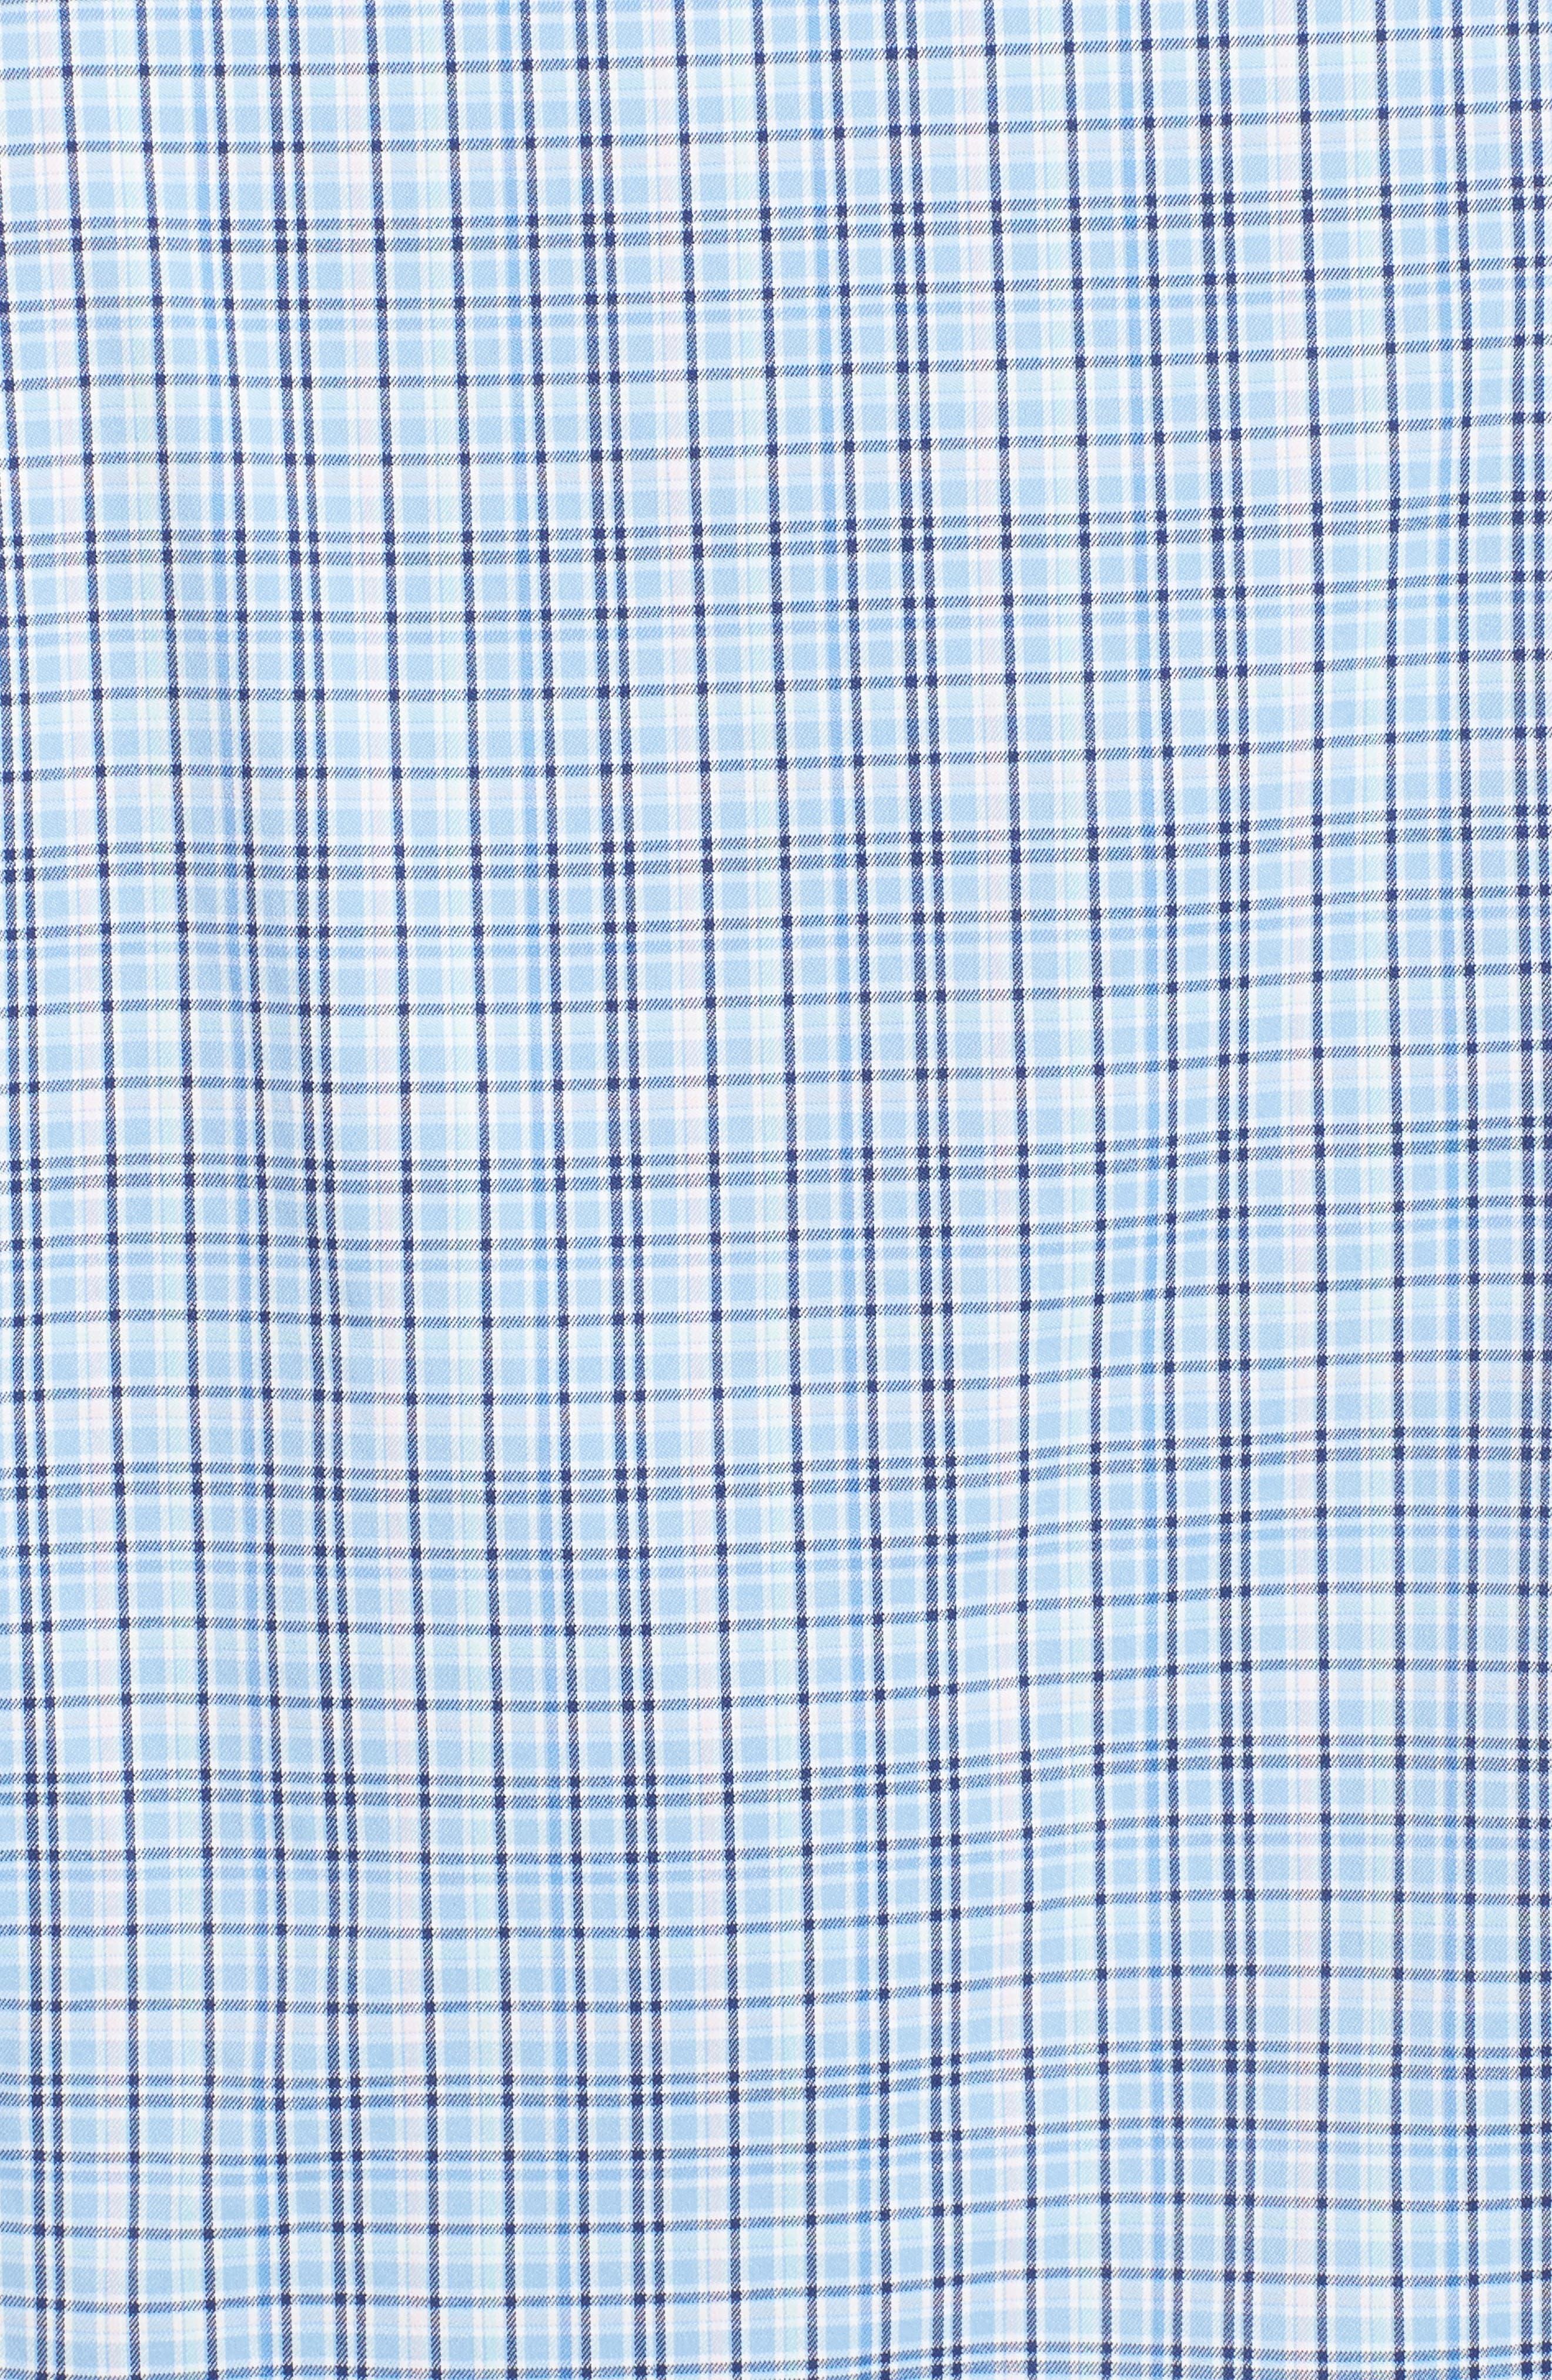 Jojo Check Performance Sport Shirt,                             Alternate thumbnail 5, color,                             TAHOE BLUE